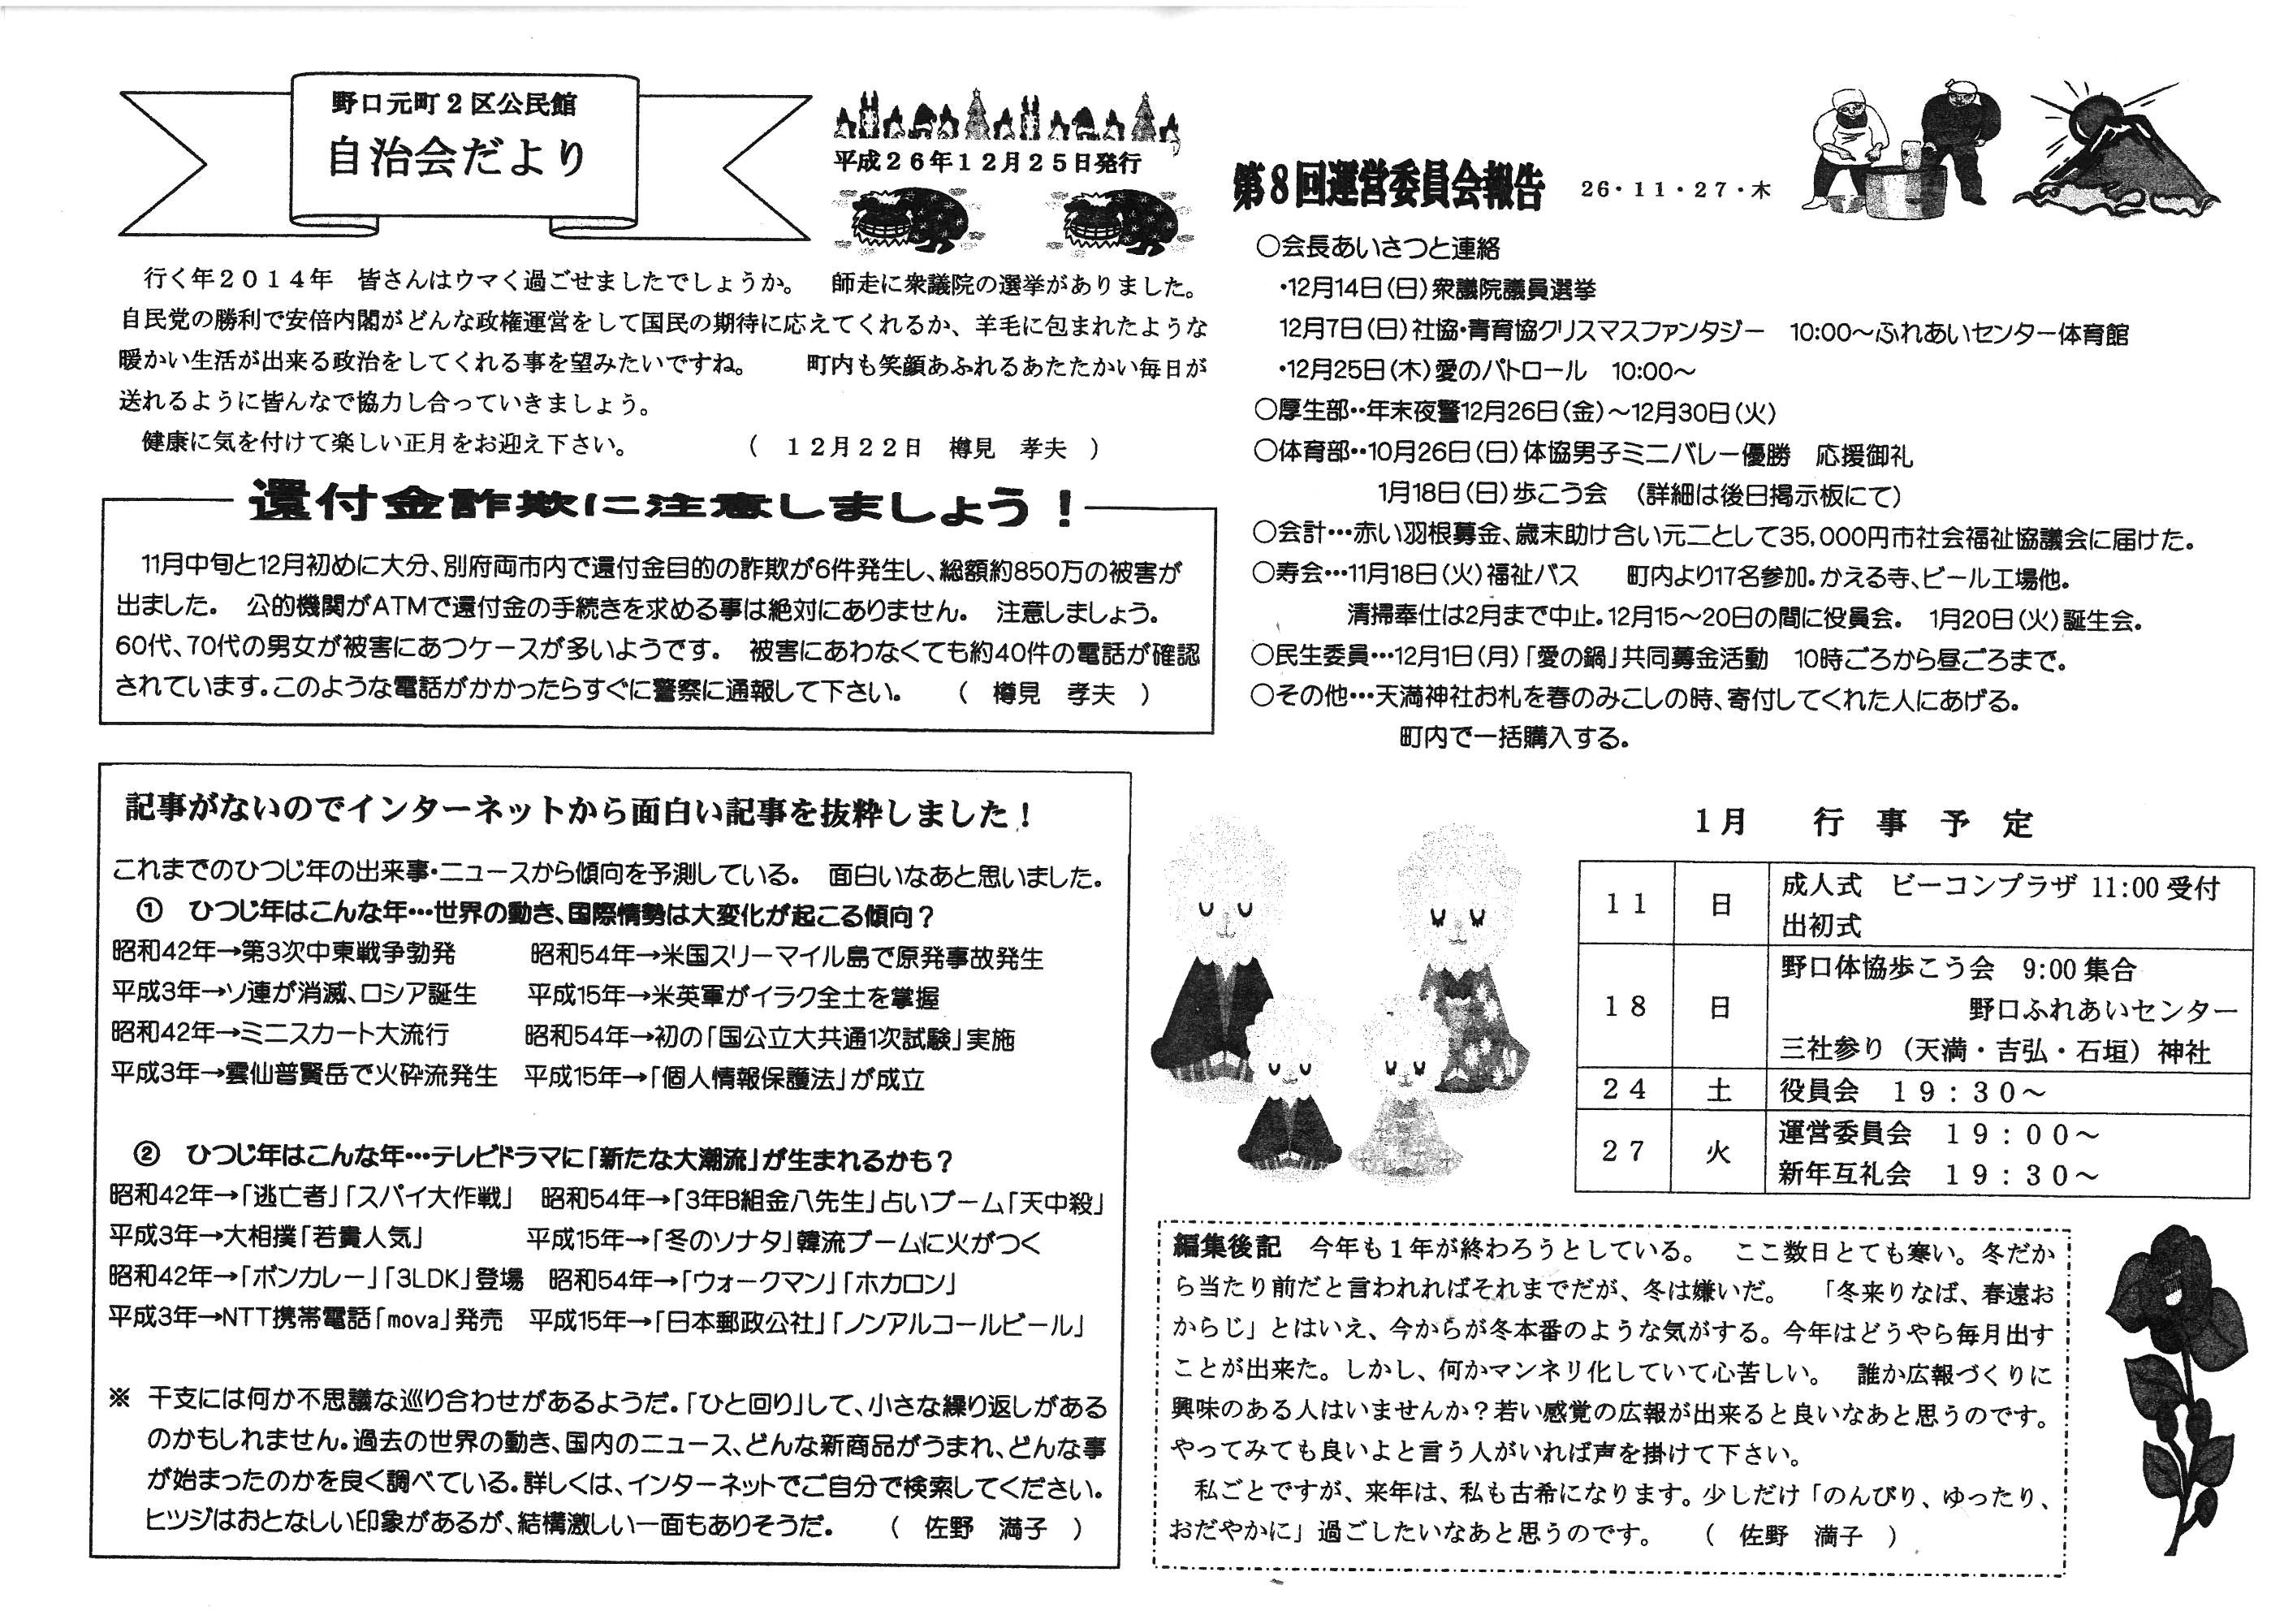 noguchimotomachi2ku_2015_01